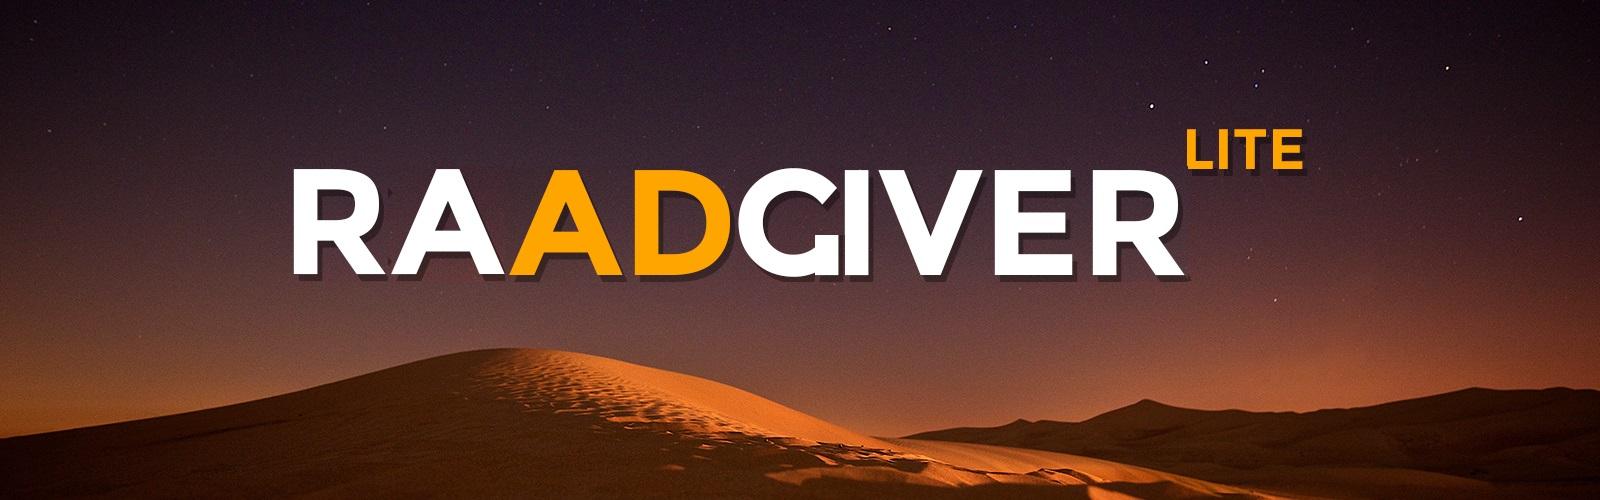 Raadgiver-header